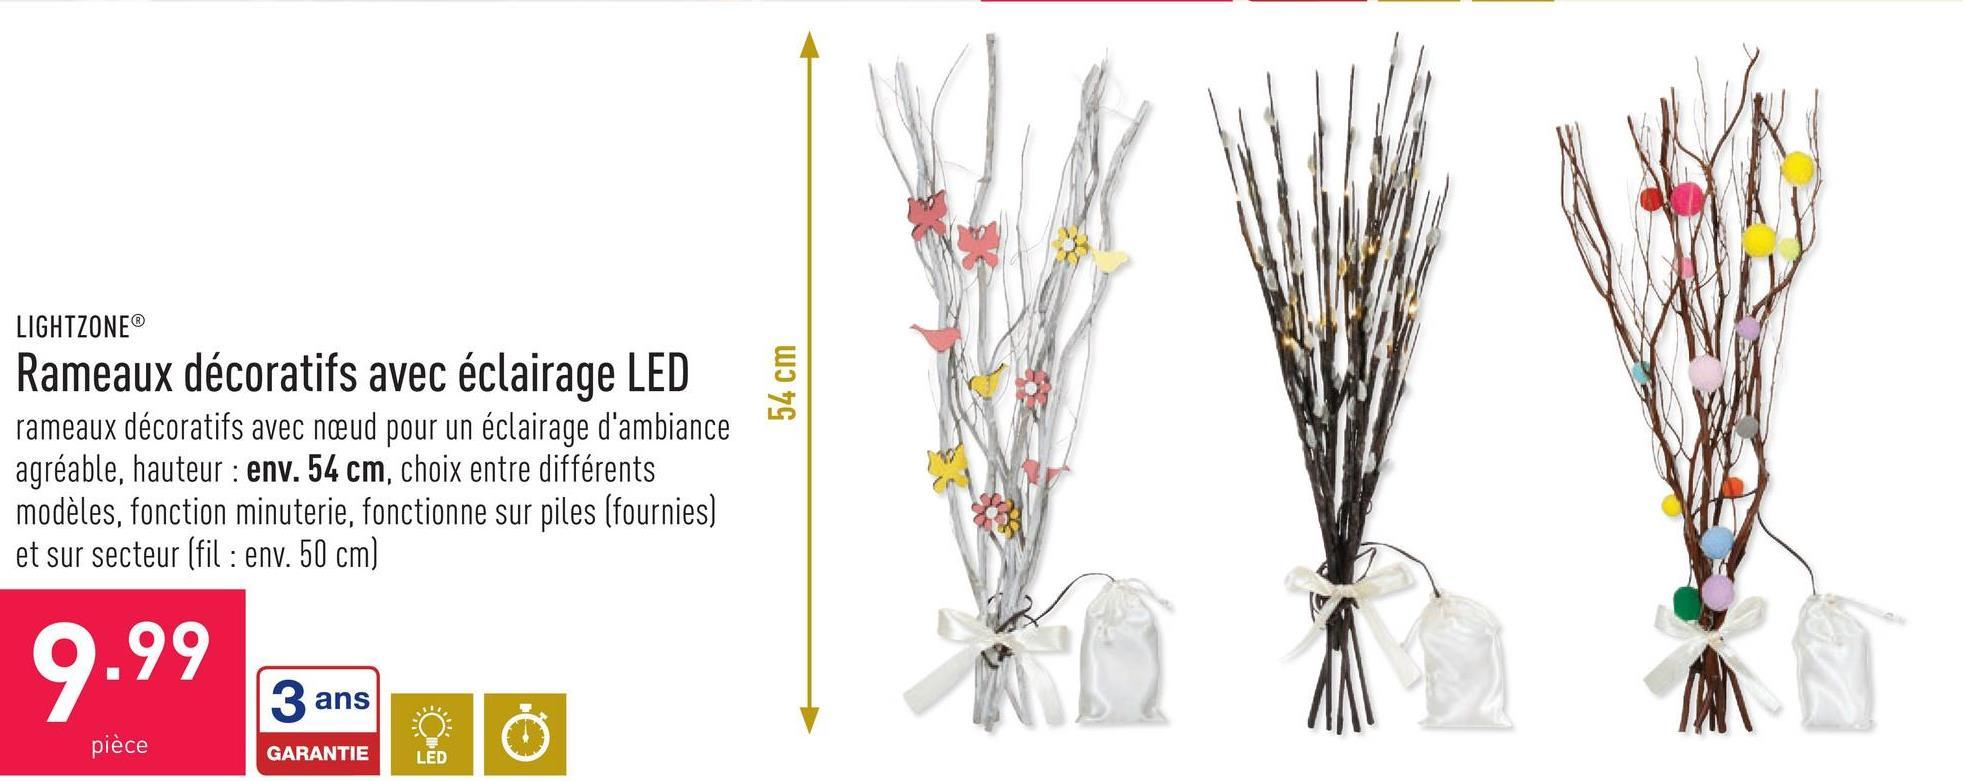 Rameaux décoratifs avec éclairage LED rameaux décoratifs avec nœud pour un éclairage d'ambiance agréable, hauteur : env. 54 cm, choix entre différents modèles, fonction minuterie, fonctionne sur piles (fournies) et sur secteur (fil : env. 50 cm)